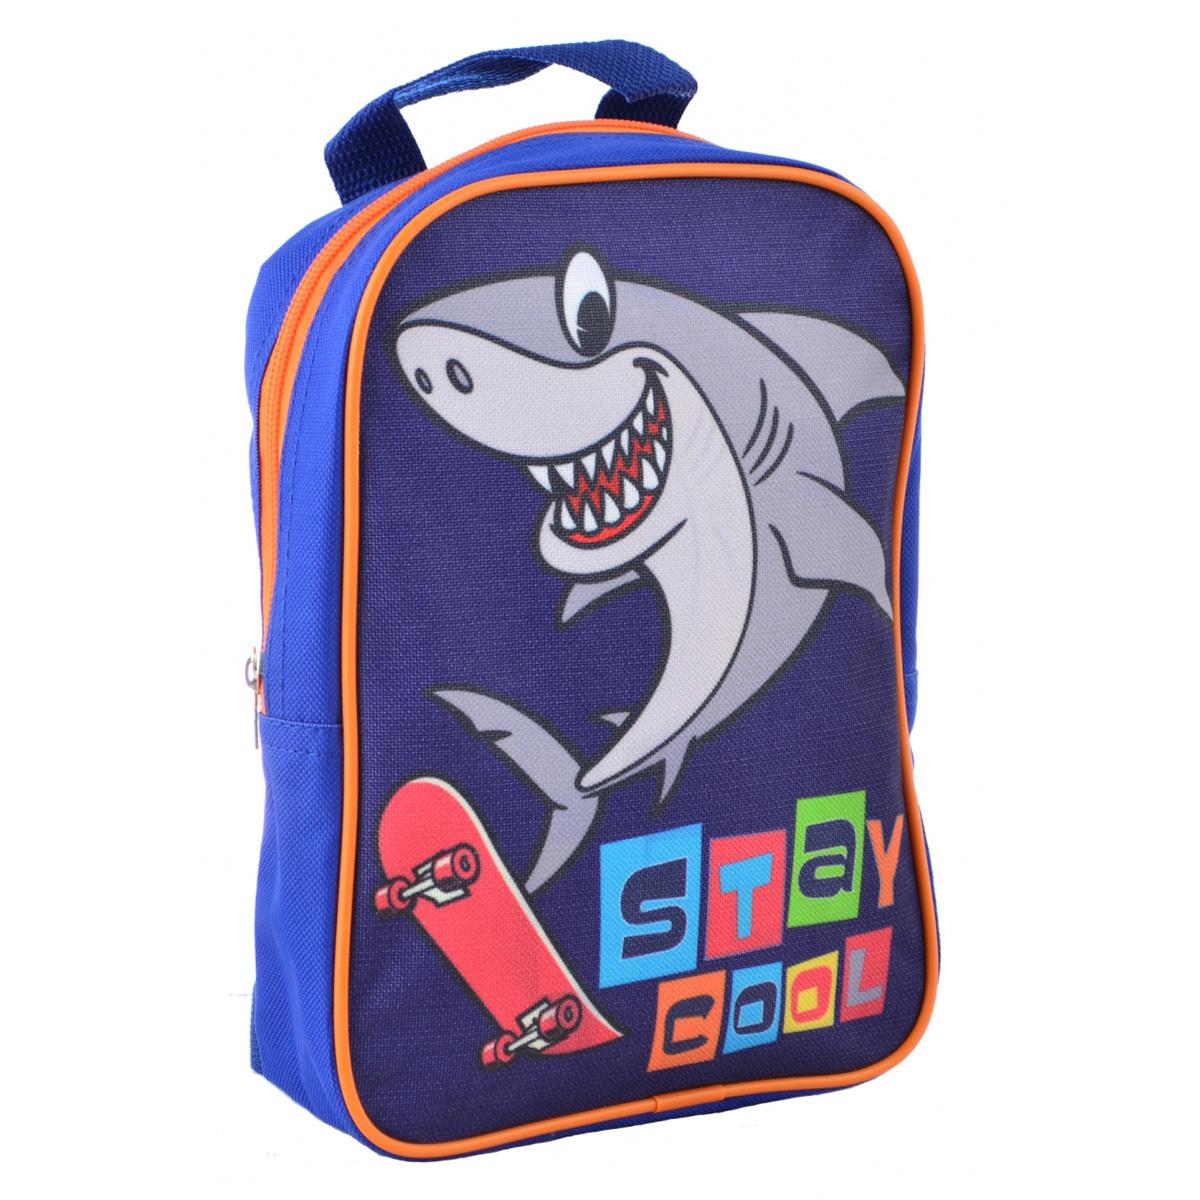 Рюкзак детский K-18 Stay cool, 24.5*17*6